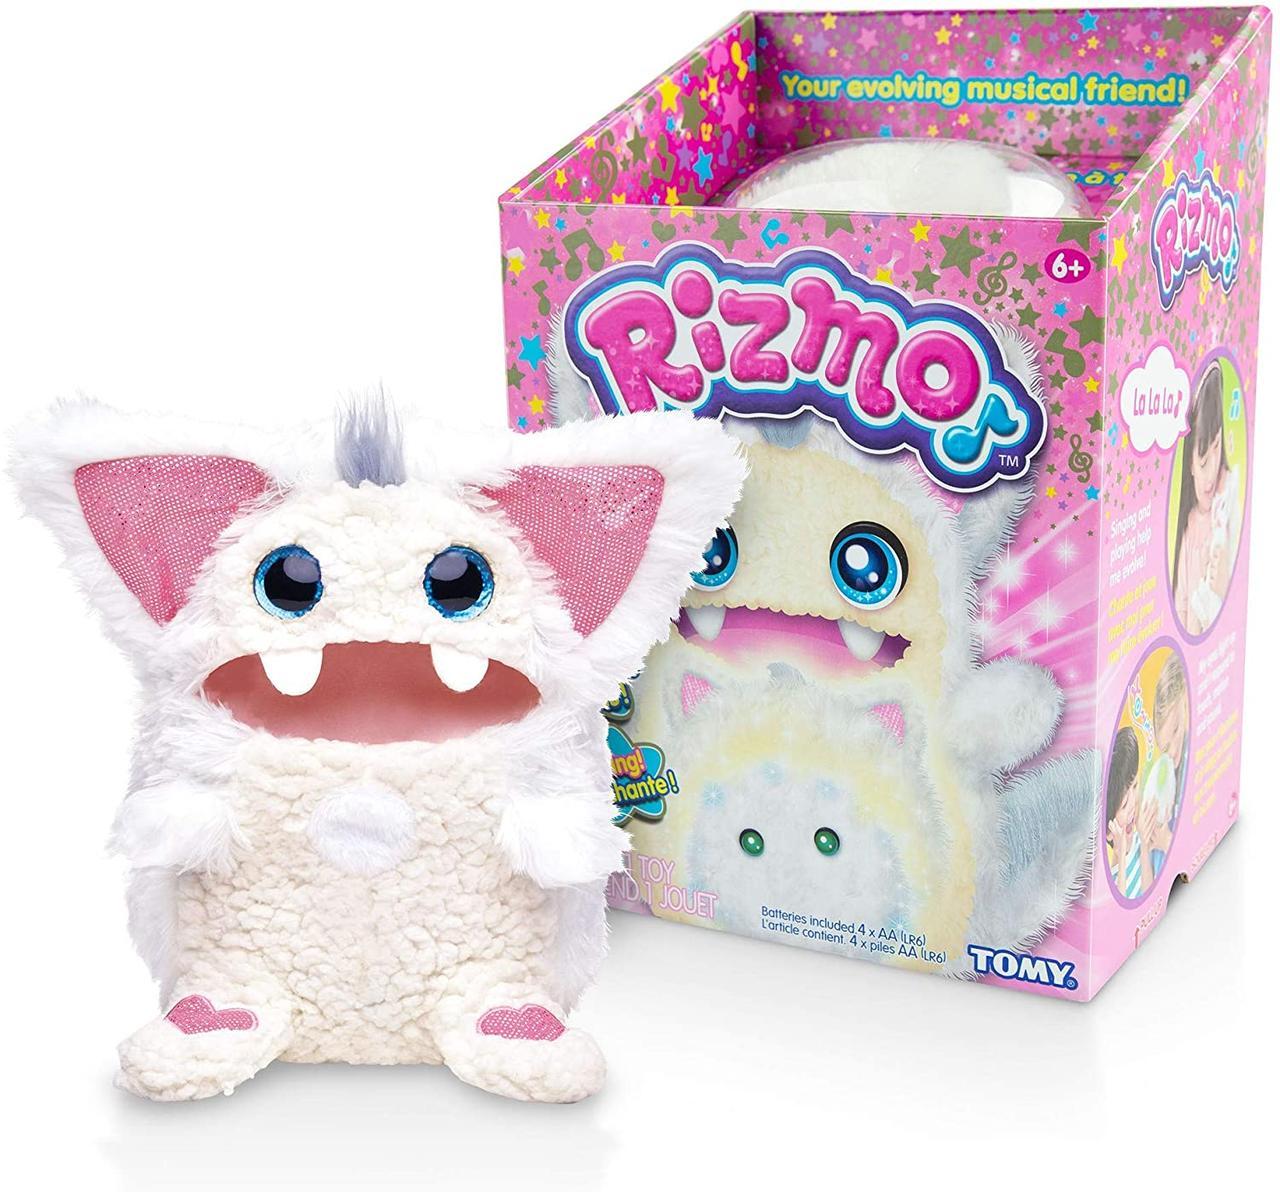 Интерактивная игрушка Ризмо Rizmo Evolving Musical Friend Snow Оригинал